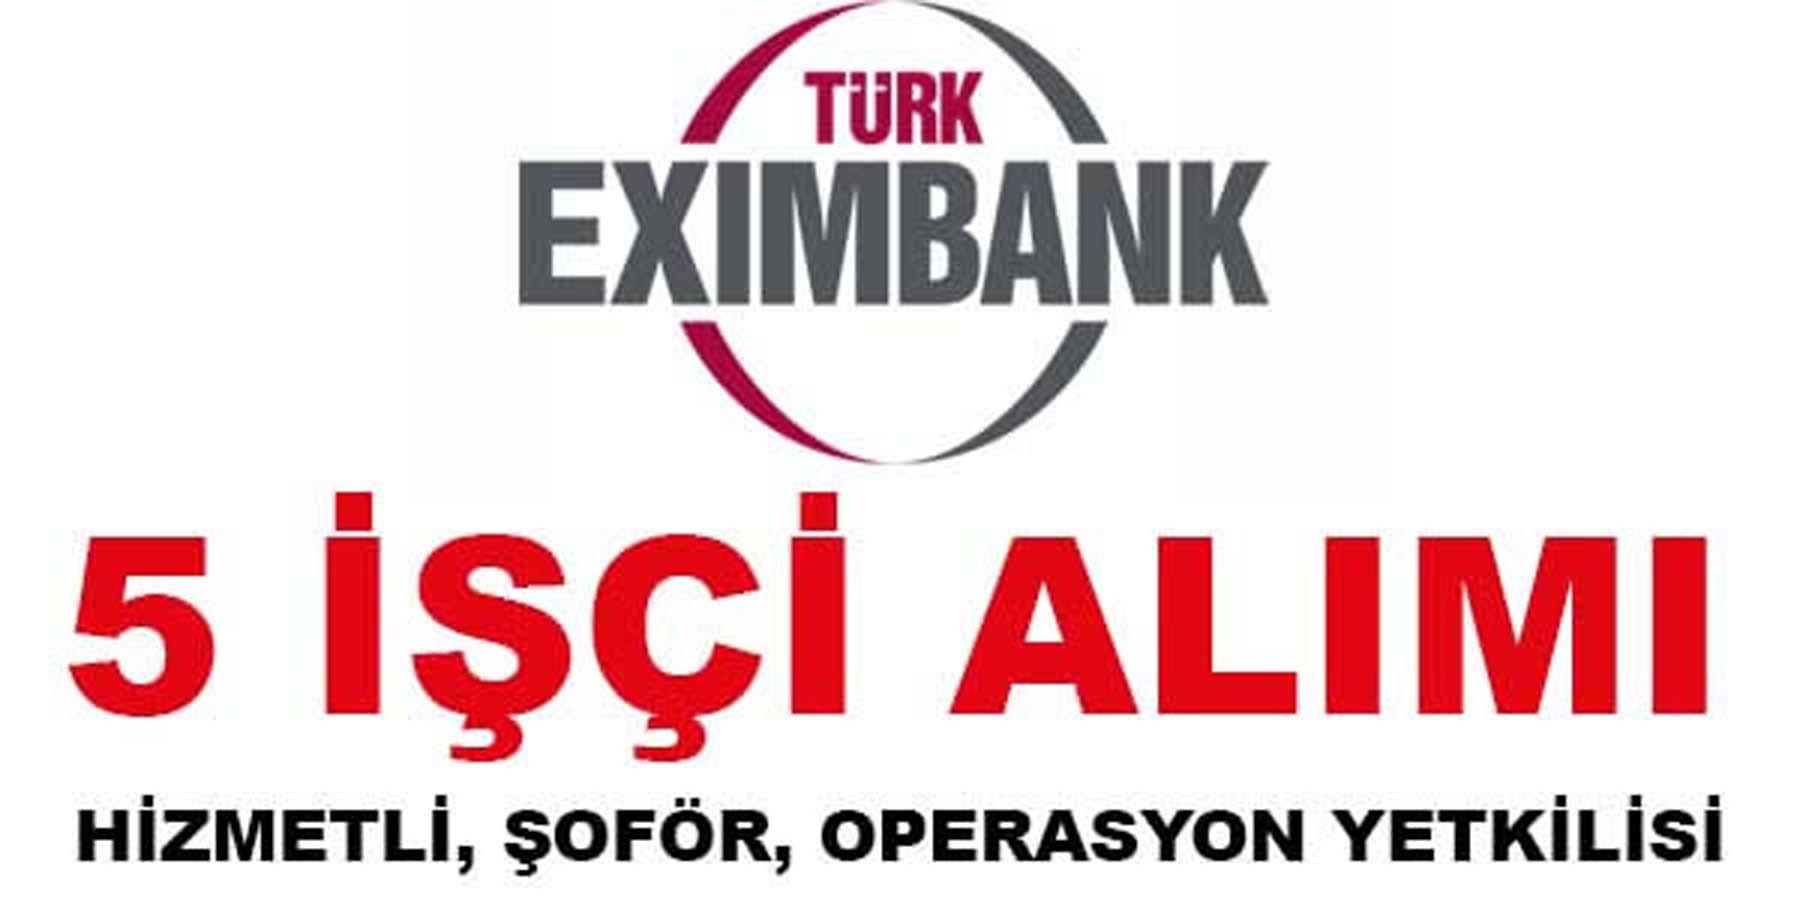 Türkiye İhracat Bankası 5 İşçi Alımı